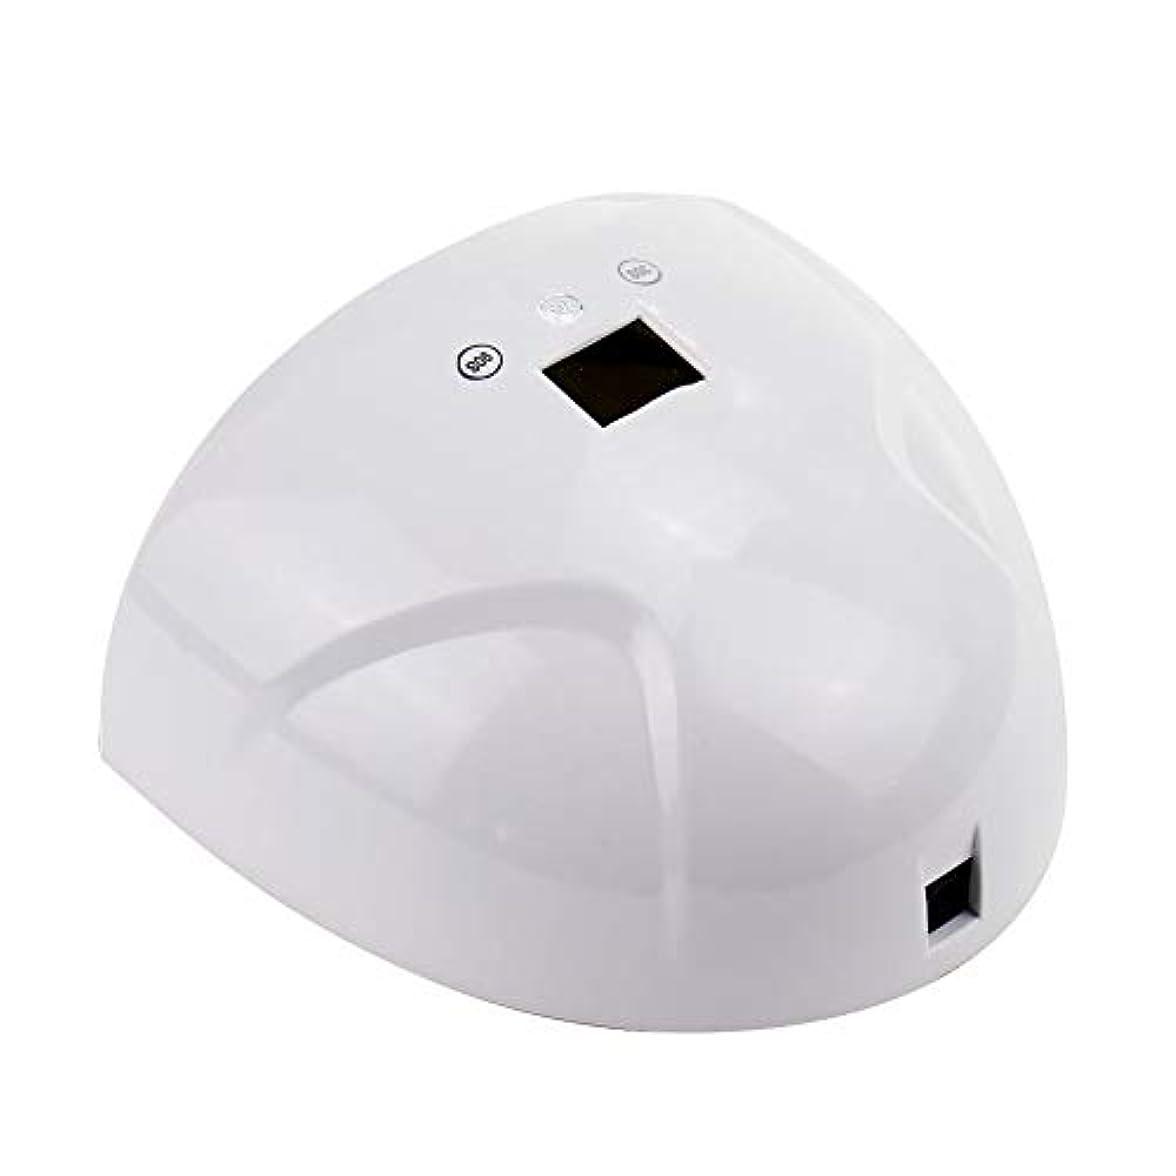 栄光のクリープ蜂ネイルドライヤー - LEDマシン光線療法ネイルマシン36Wスマートデュアル光源ネイルベーキング高速乾燥機